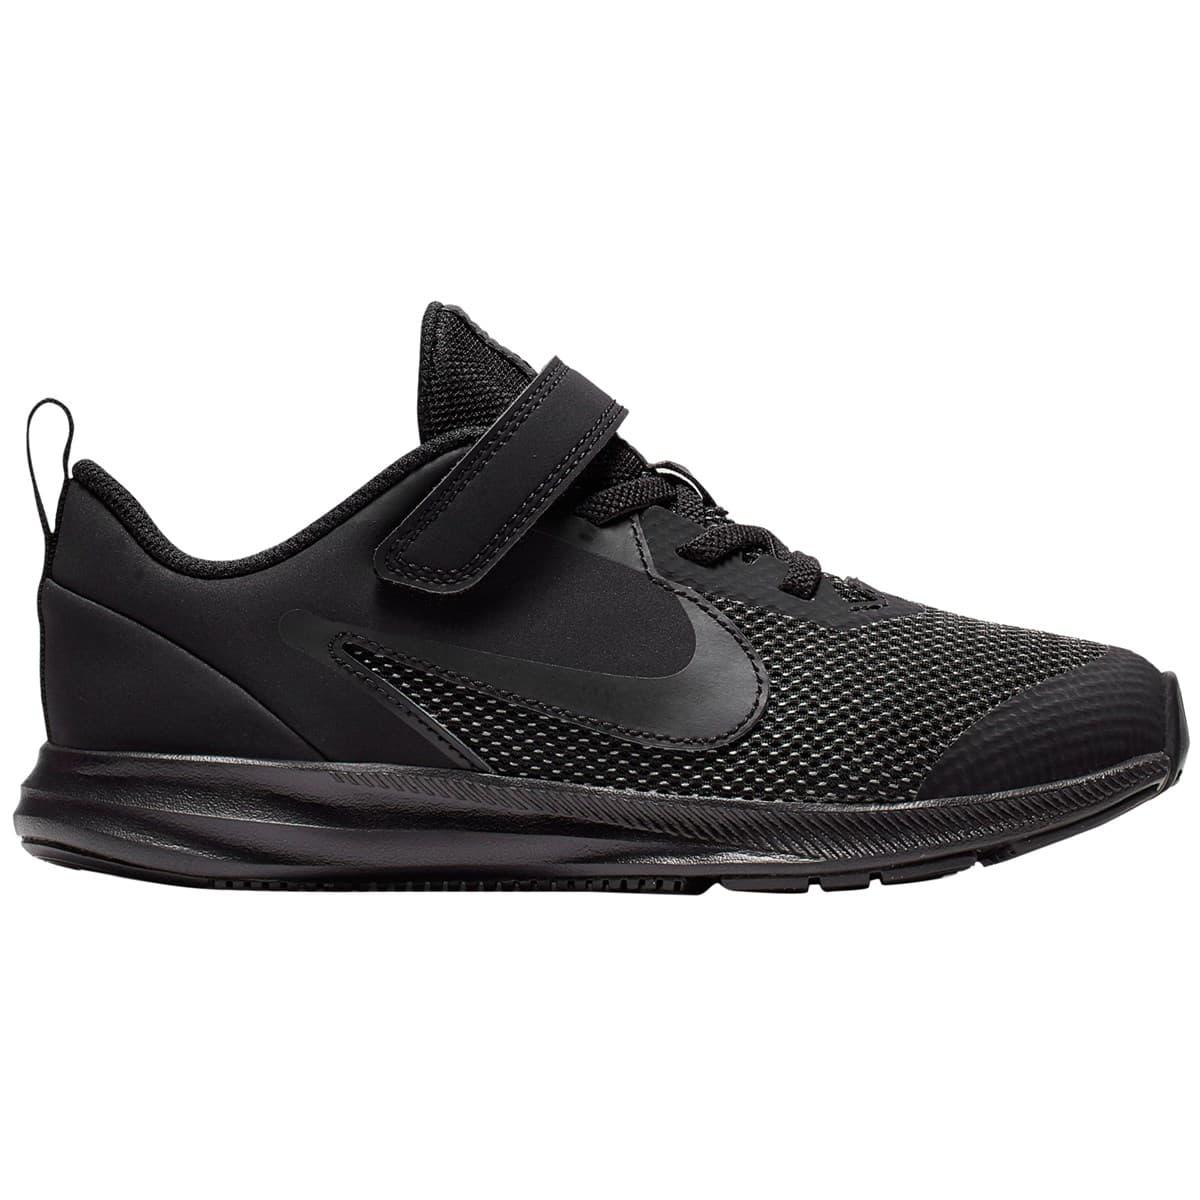 Downshifter 9 Çocuk Siyah Koşu Ayakkabısı (AR4138-001)